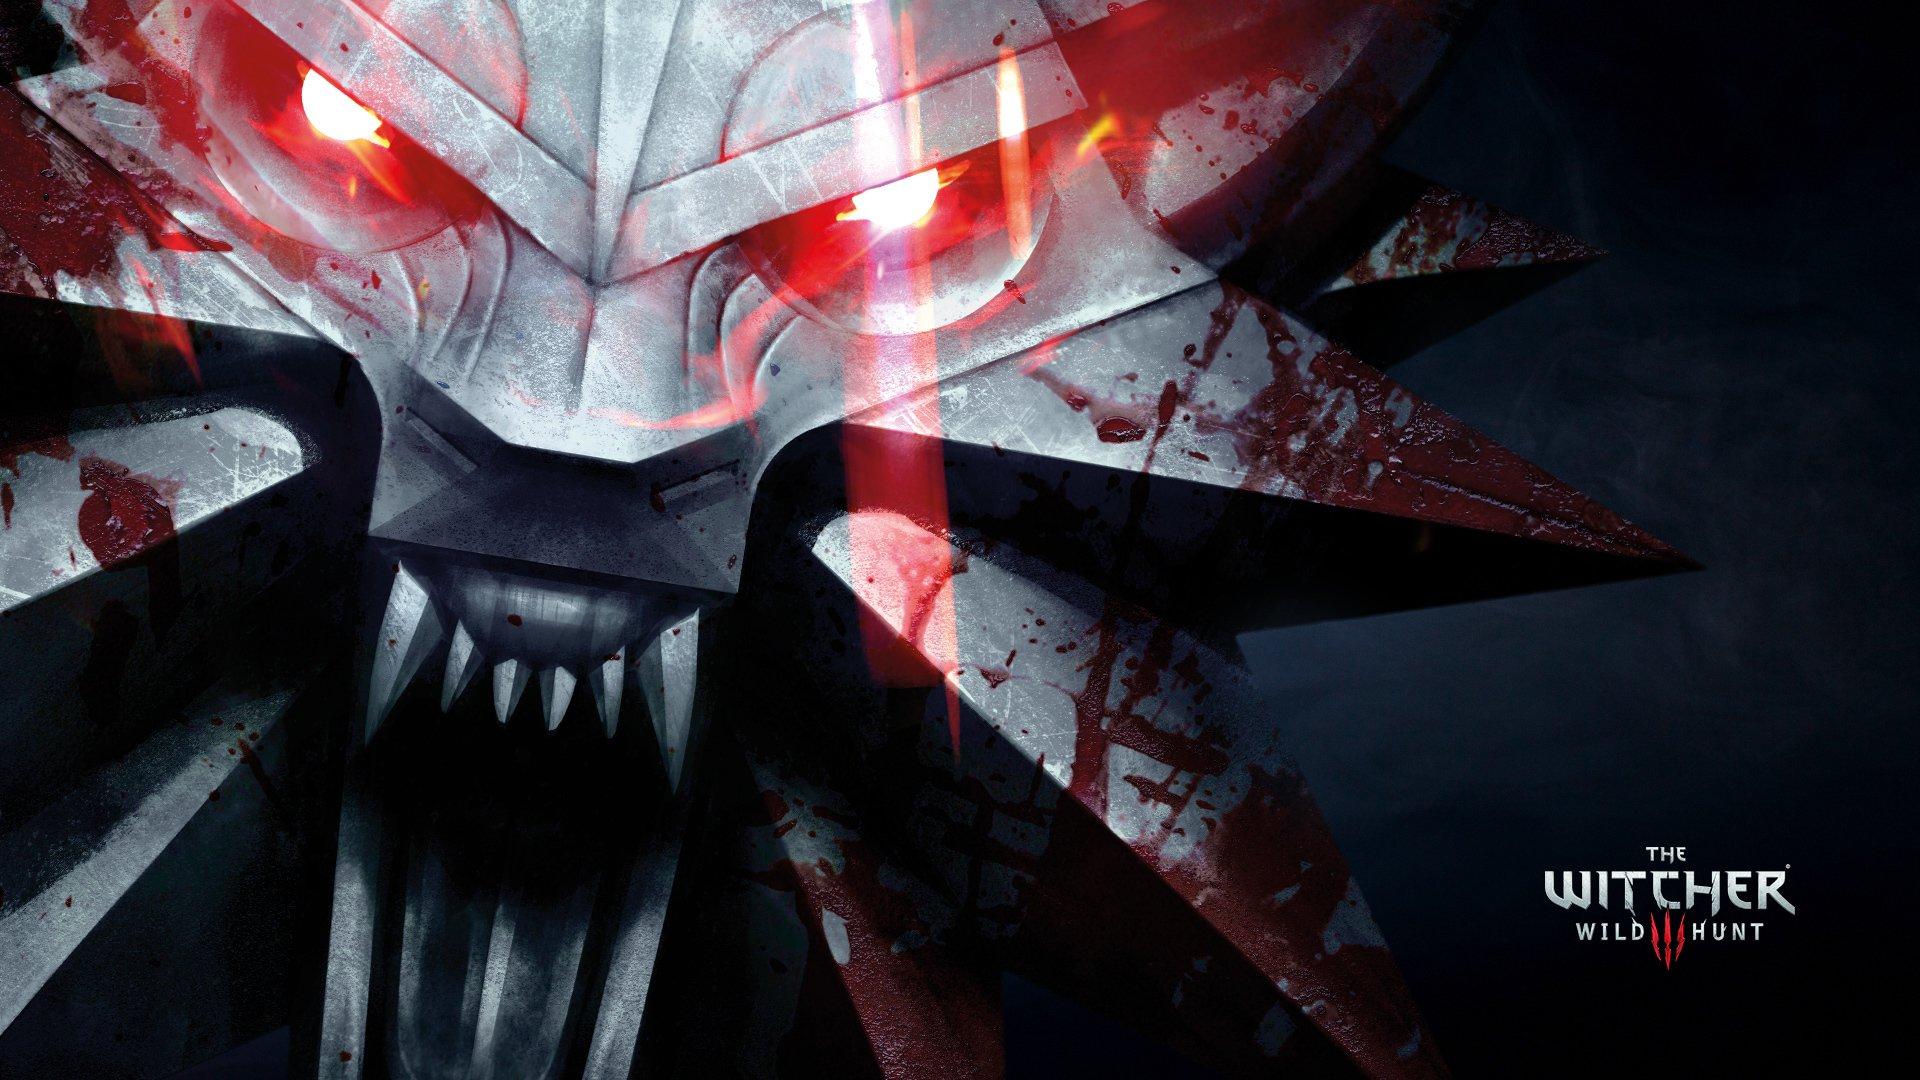 The Witcher 3: Wild Hunt. Оценки!  GameSpot — 10/10  Одна из лучших игр в истории  GameGuru - 10/10 Gameswelt - 10/ .... - Изображение 3